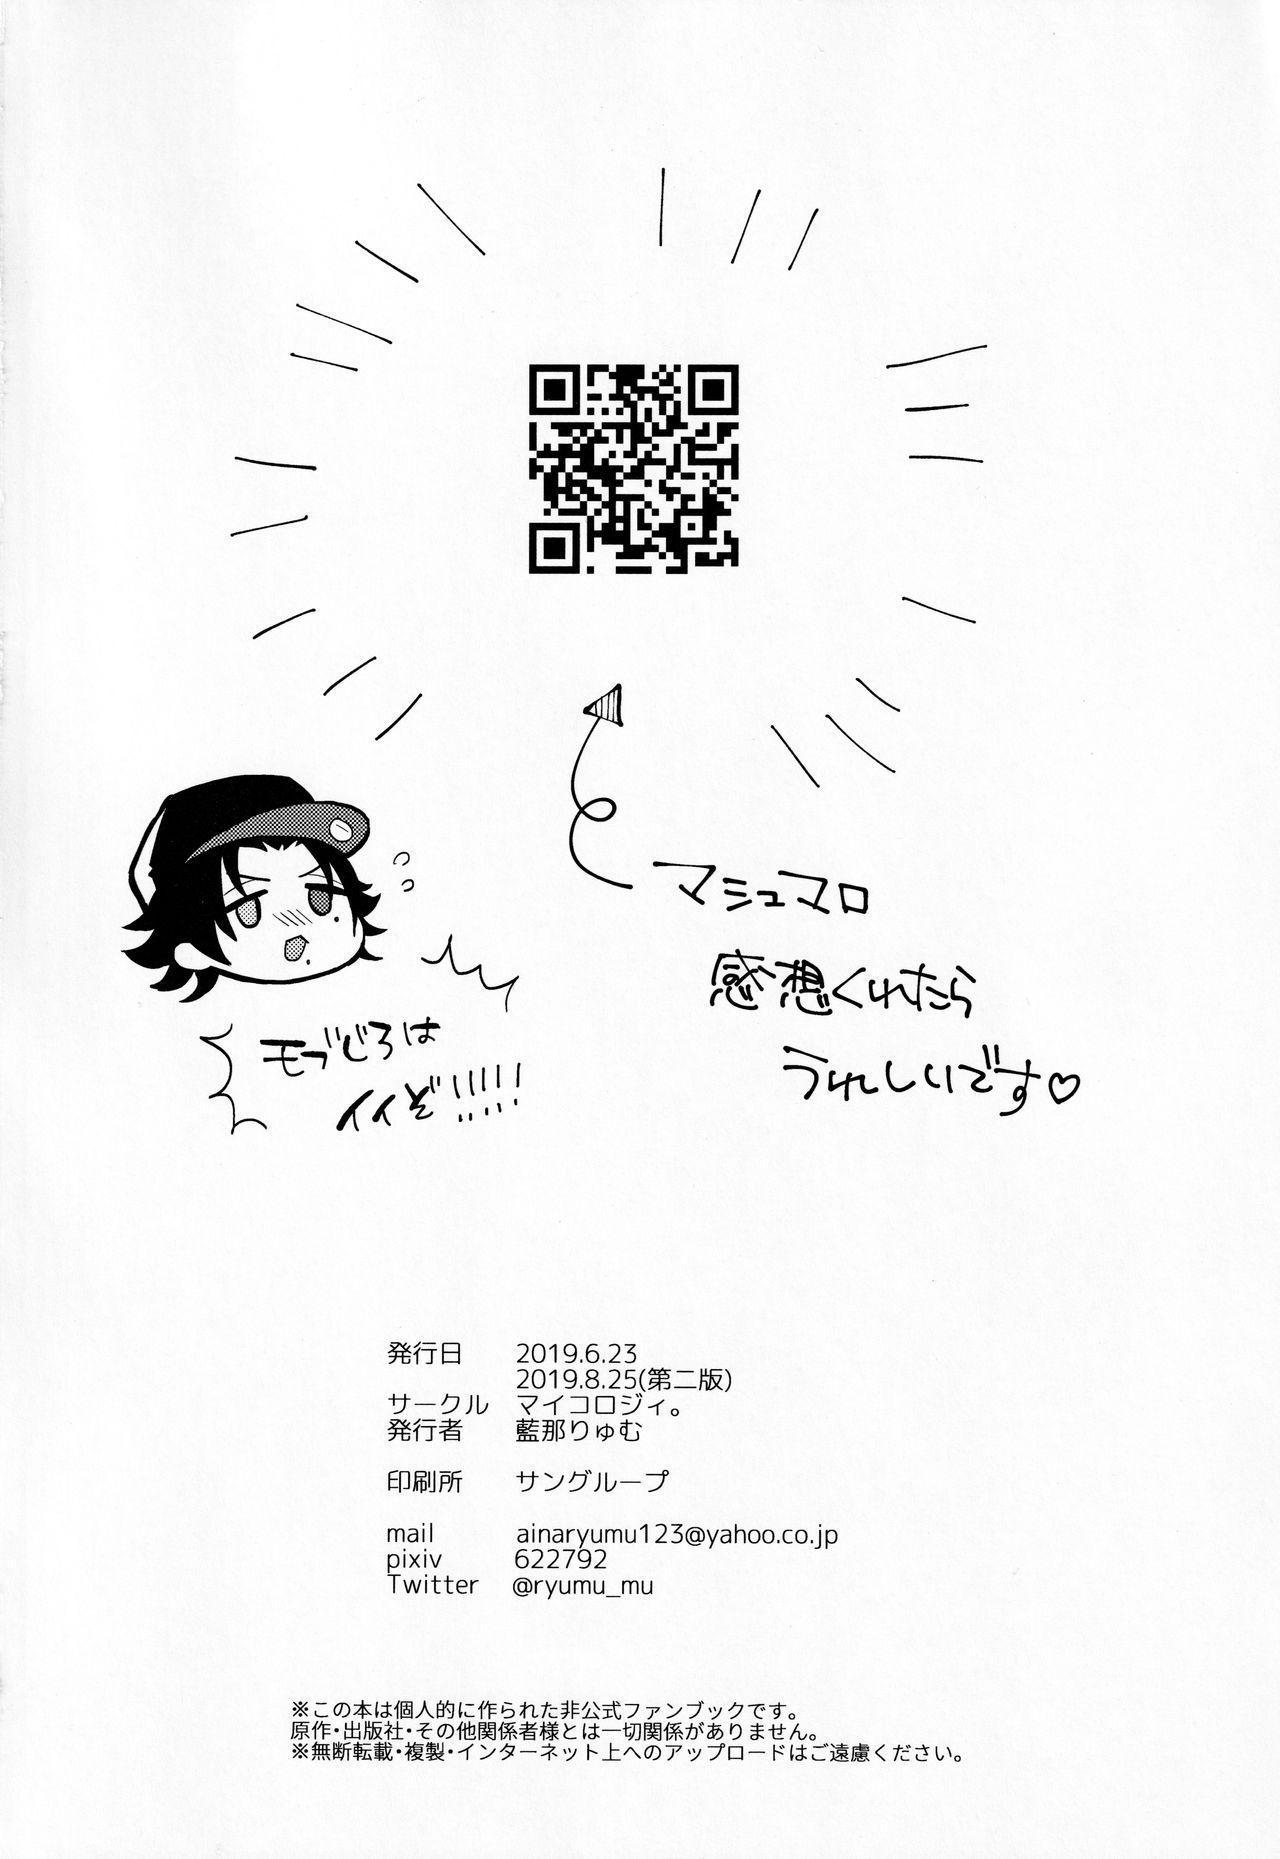 Dachi no Jirou o Kanojo ni Shite Icharabu Sex 32